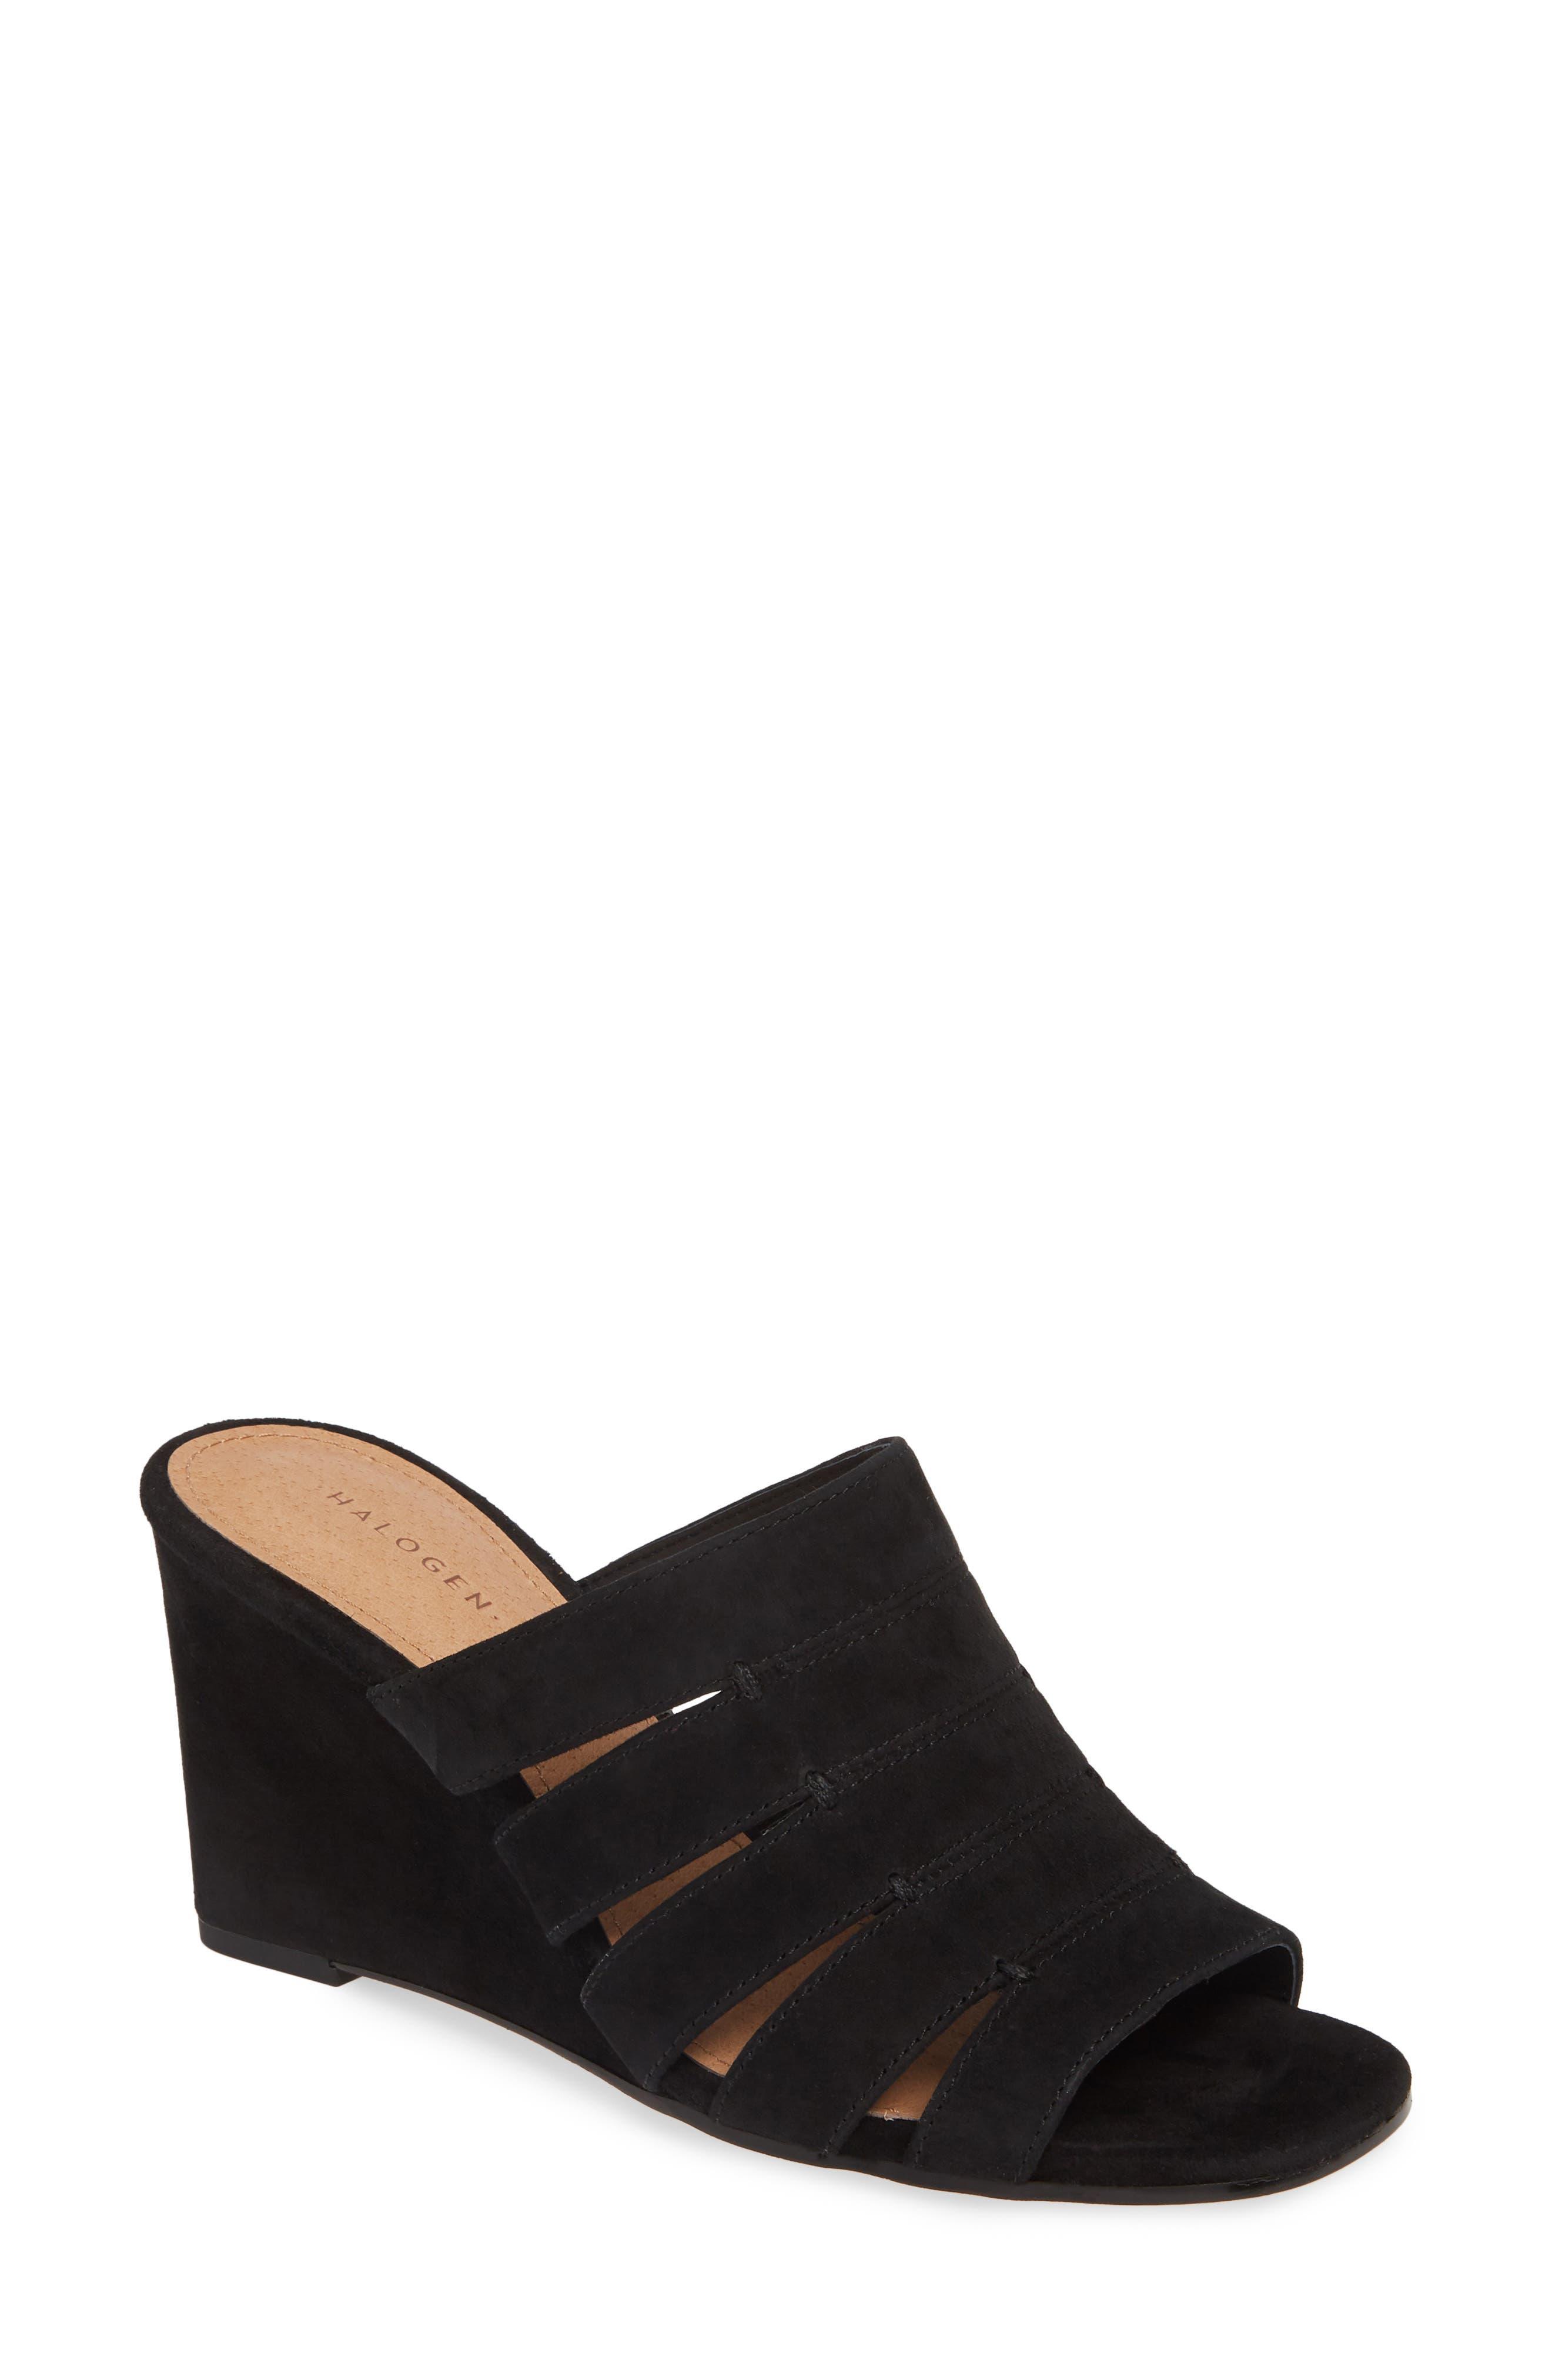 519763bdac33 Women s Halogen® Mules   Slides